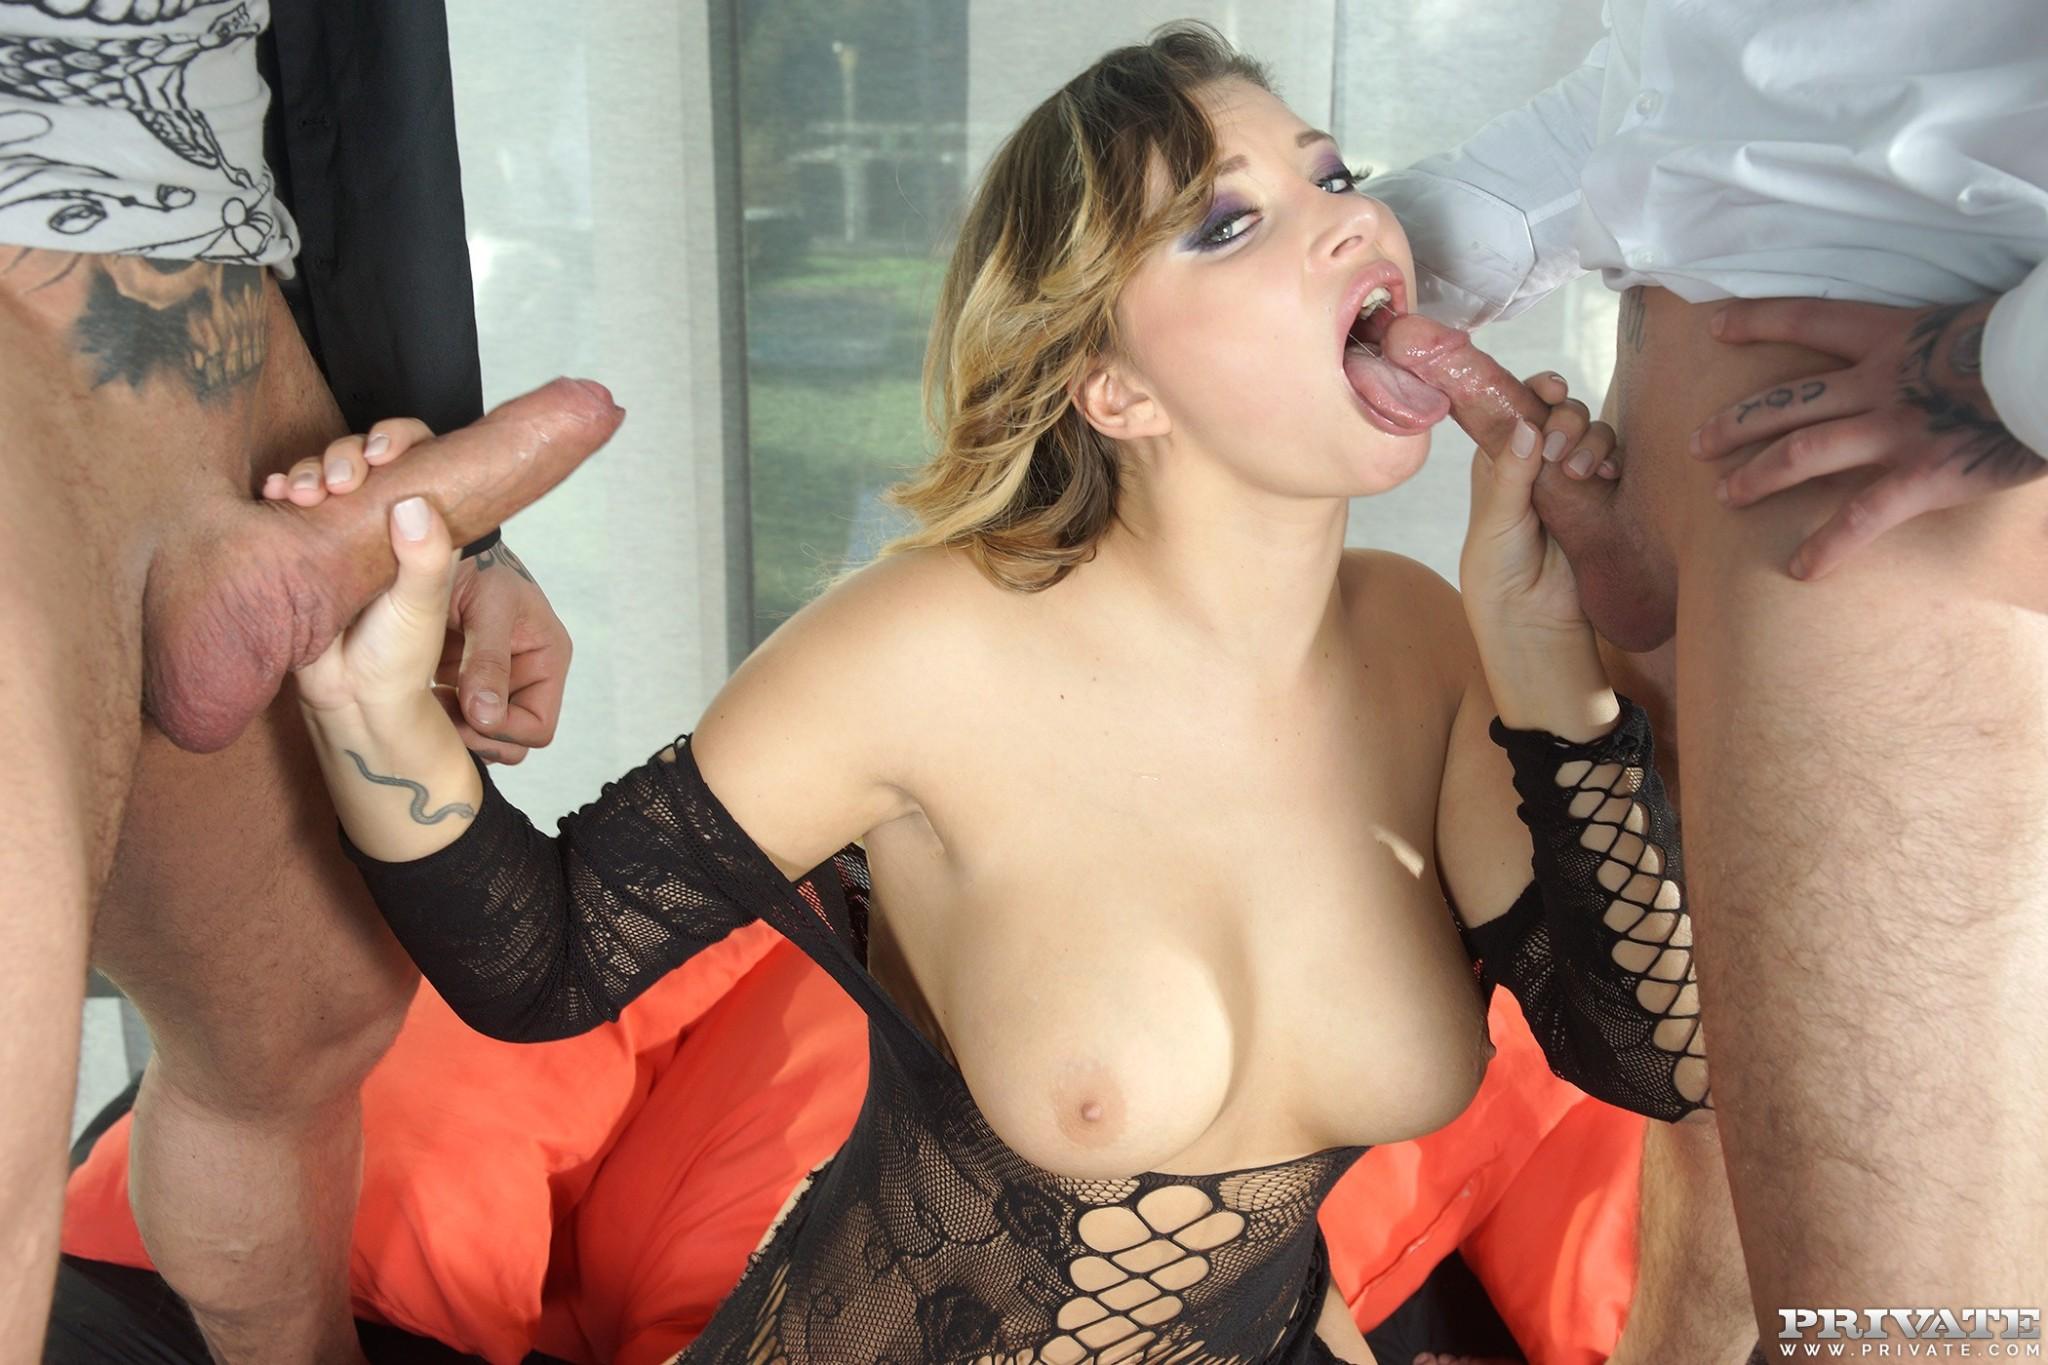 анна полина порно звезда фото мадам выступает